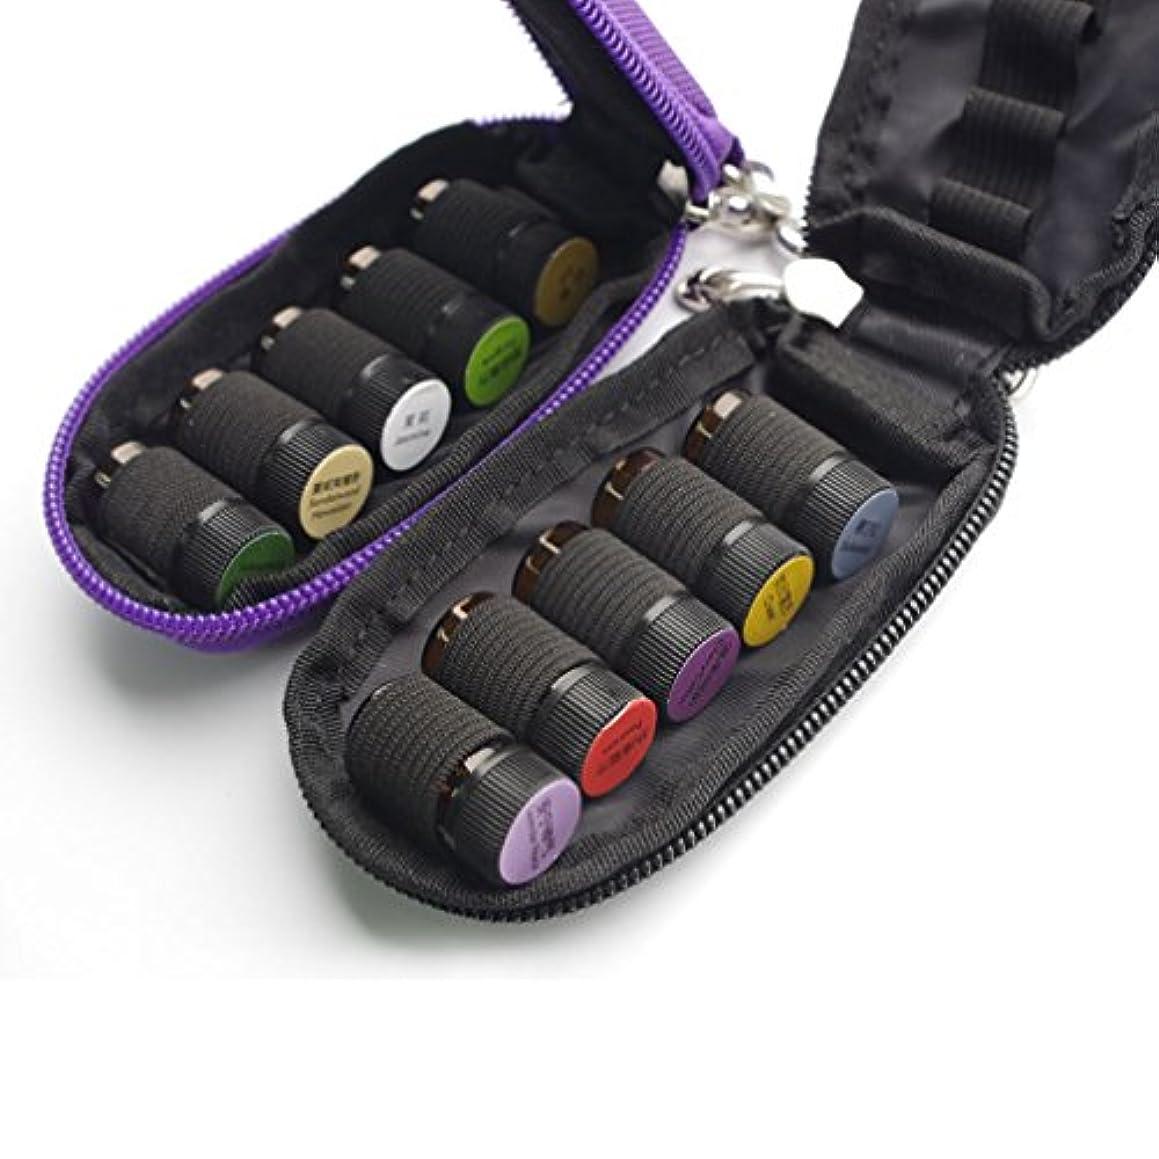 ミネラル一般言い直すBEE&BLUE アロマポーチ エッセンシャルオイル ケース 携帯用 アロマケース メイクポーチ 精油ケース 10本用